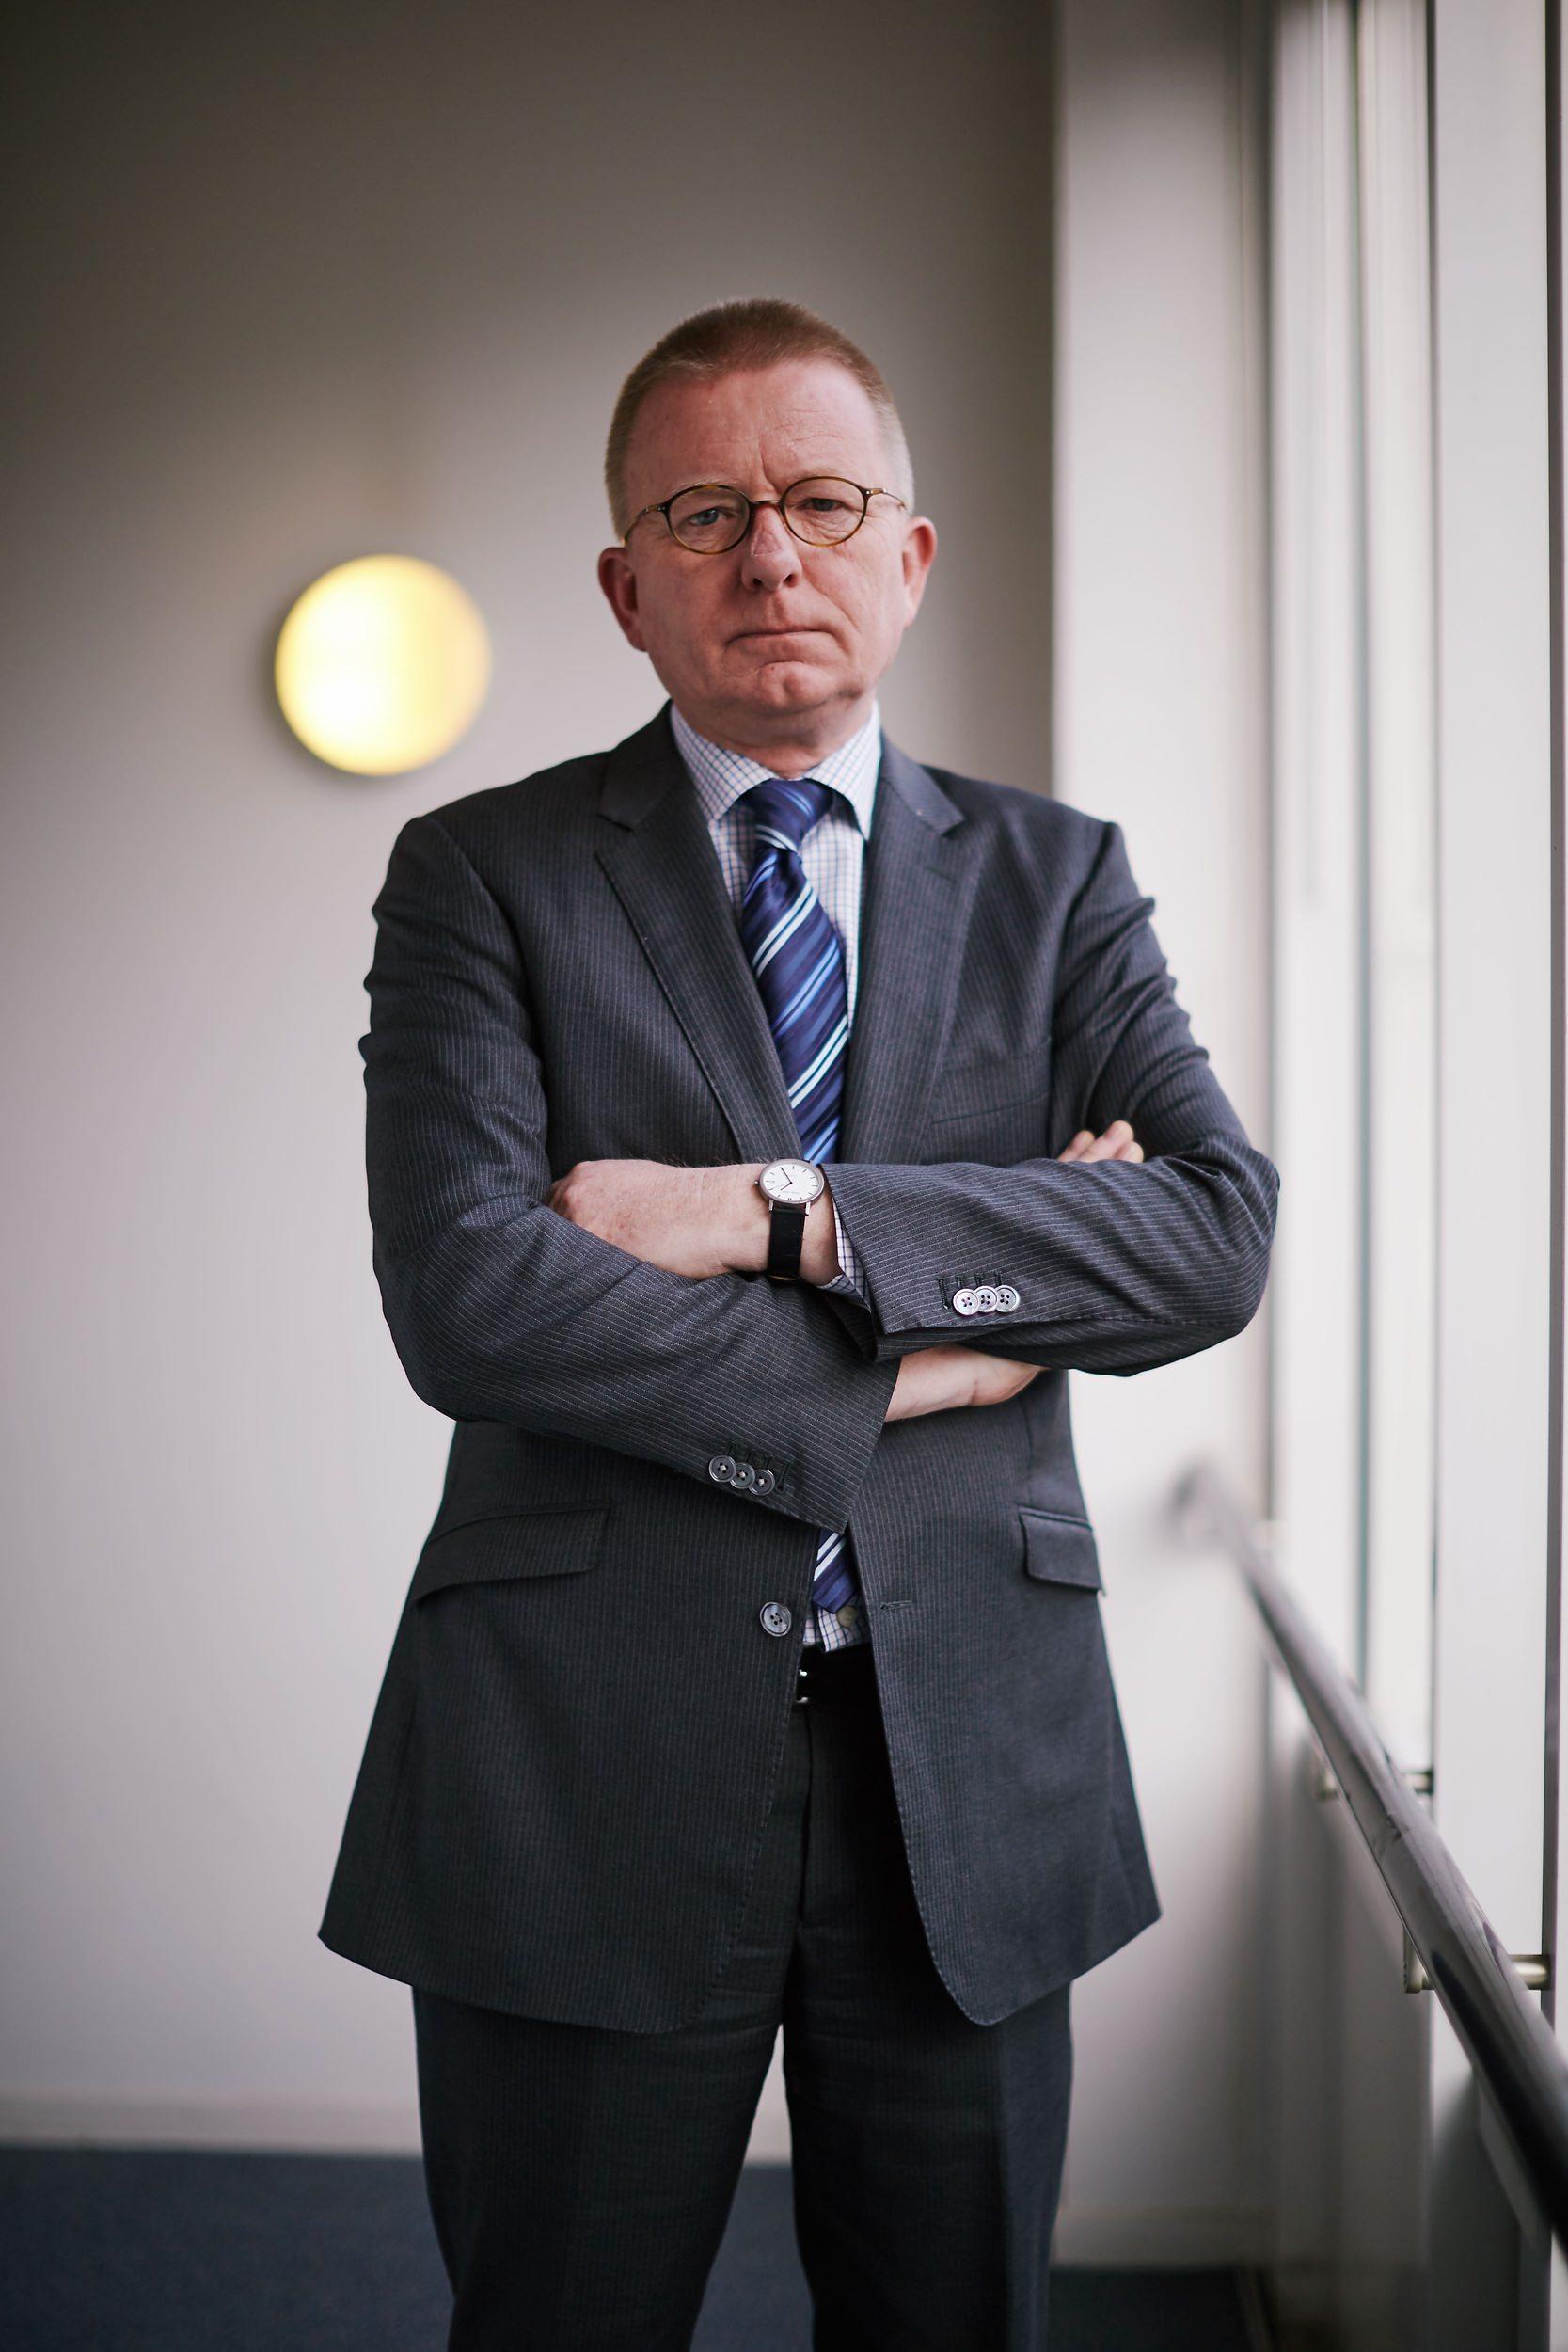 portret advocaat Gerhard Janssen